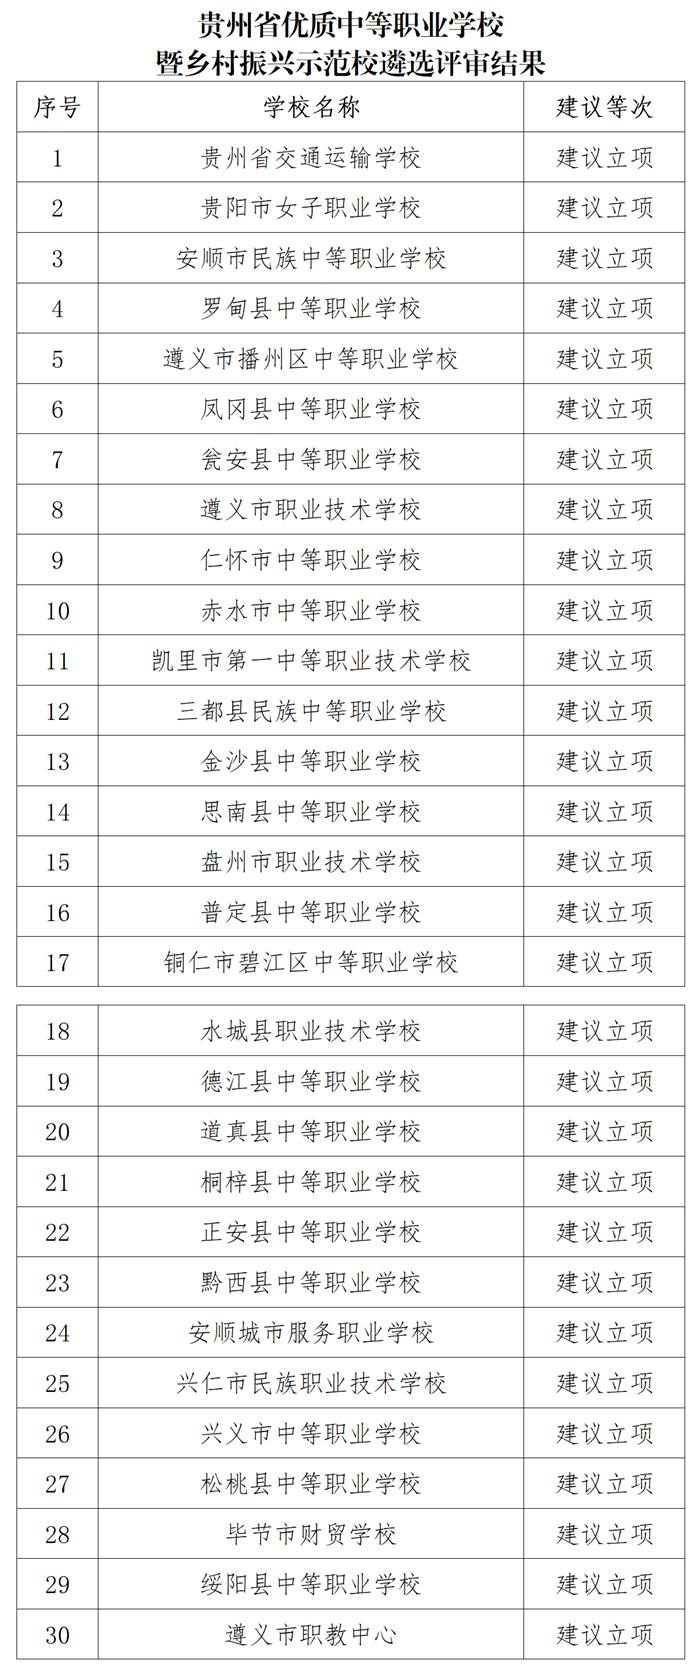 贵州省优质中等职业学校暨乡村振兴示范校遴选评审结果公示